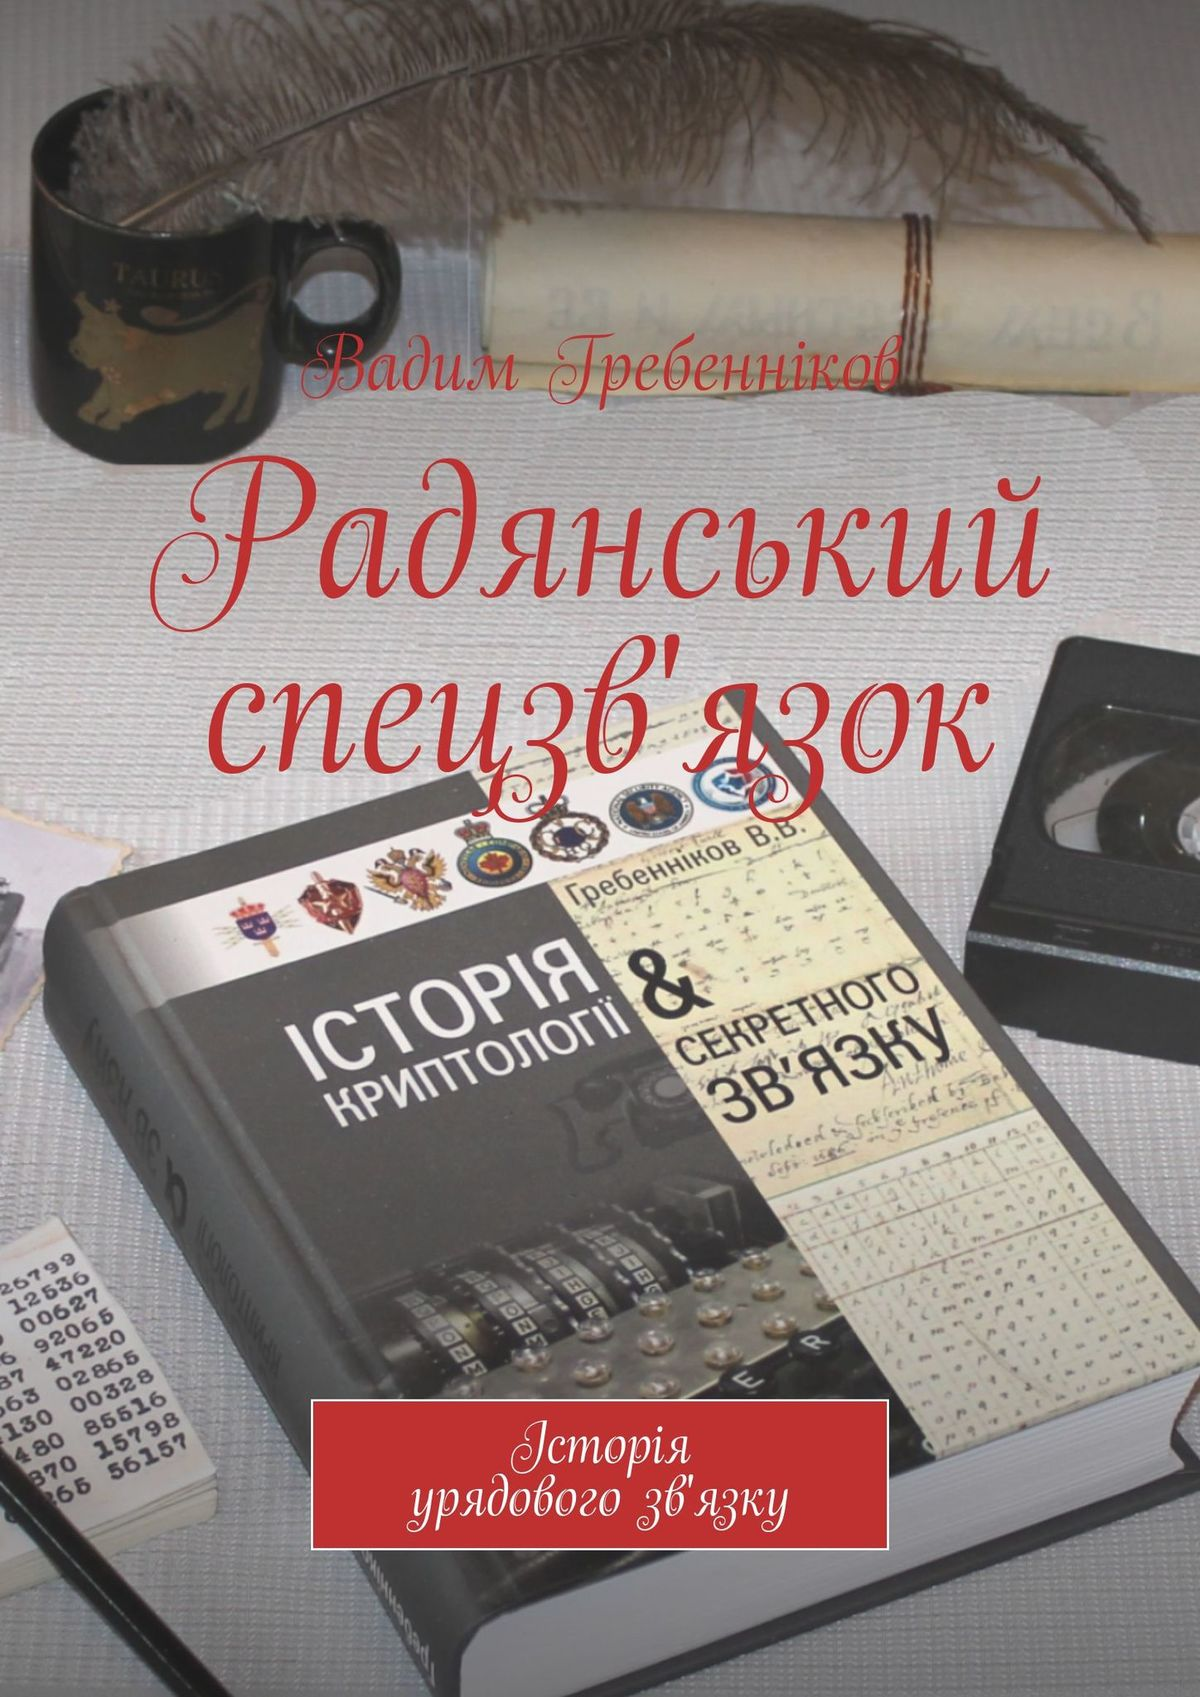 Радянський спецзв'язок